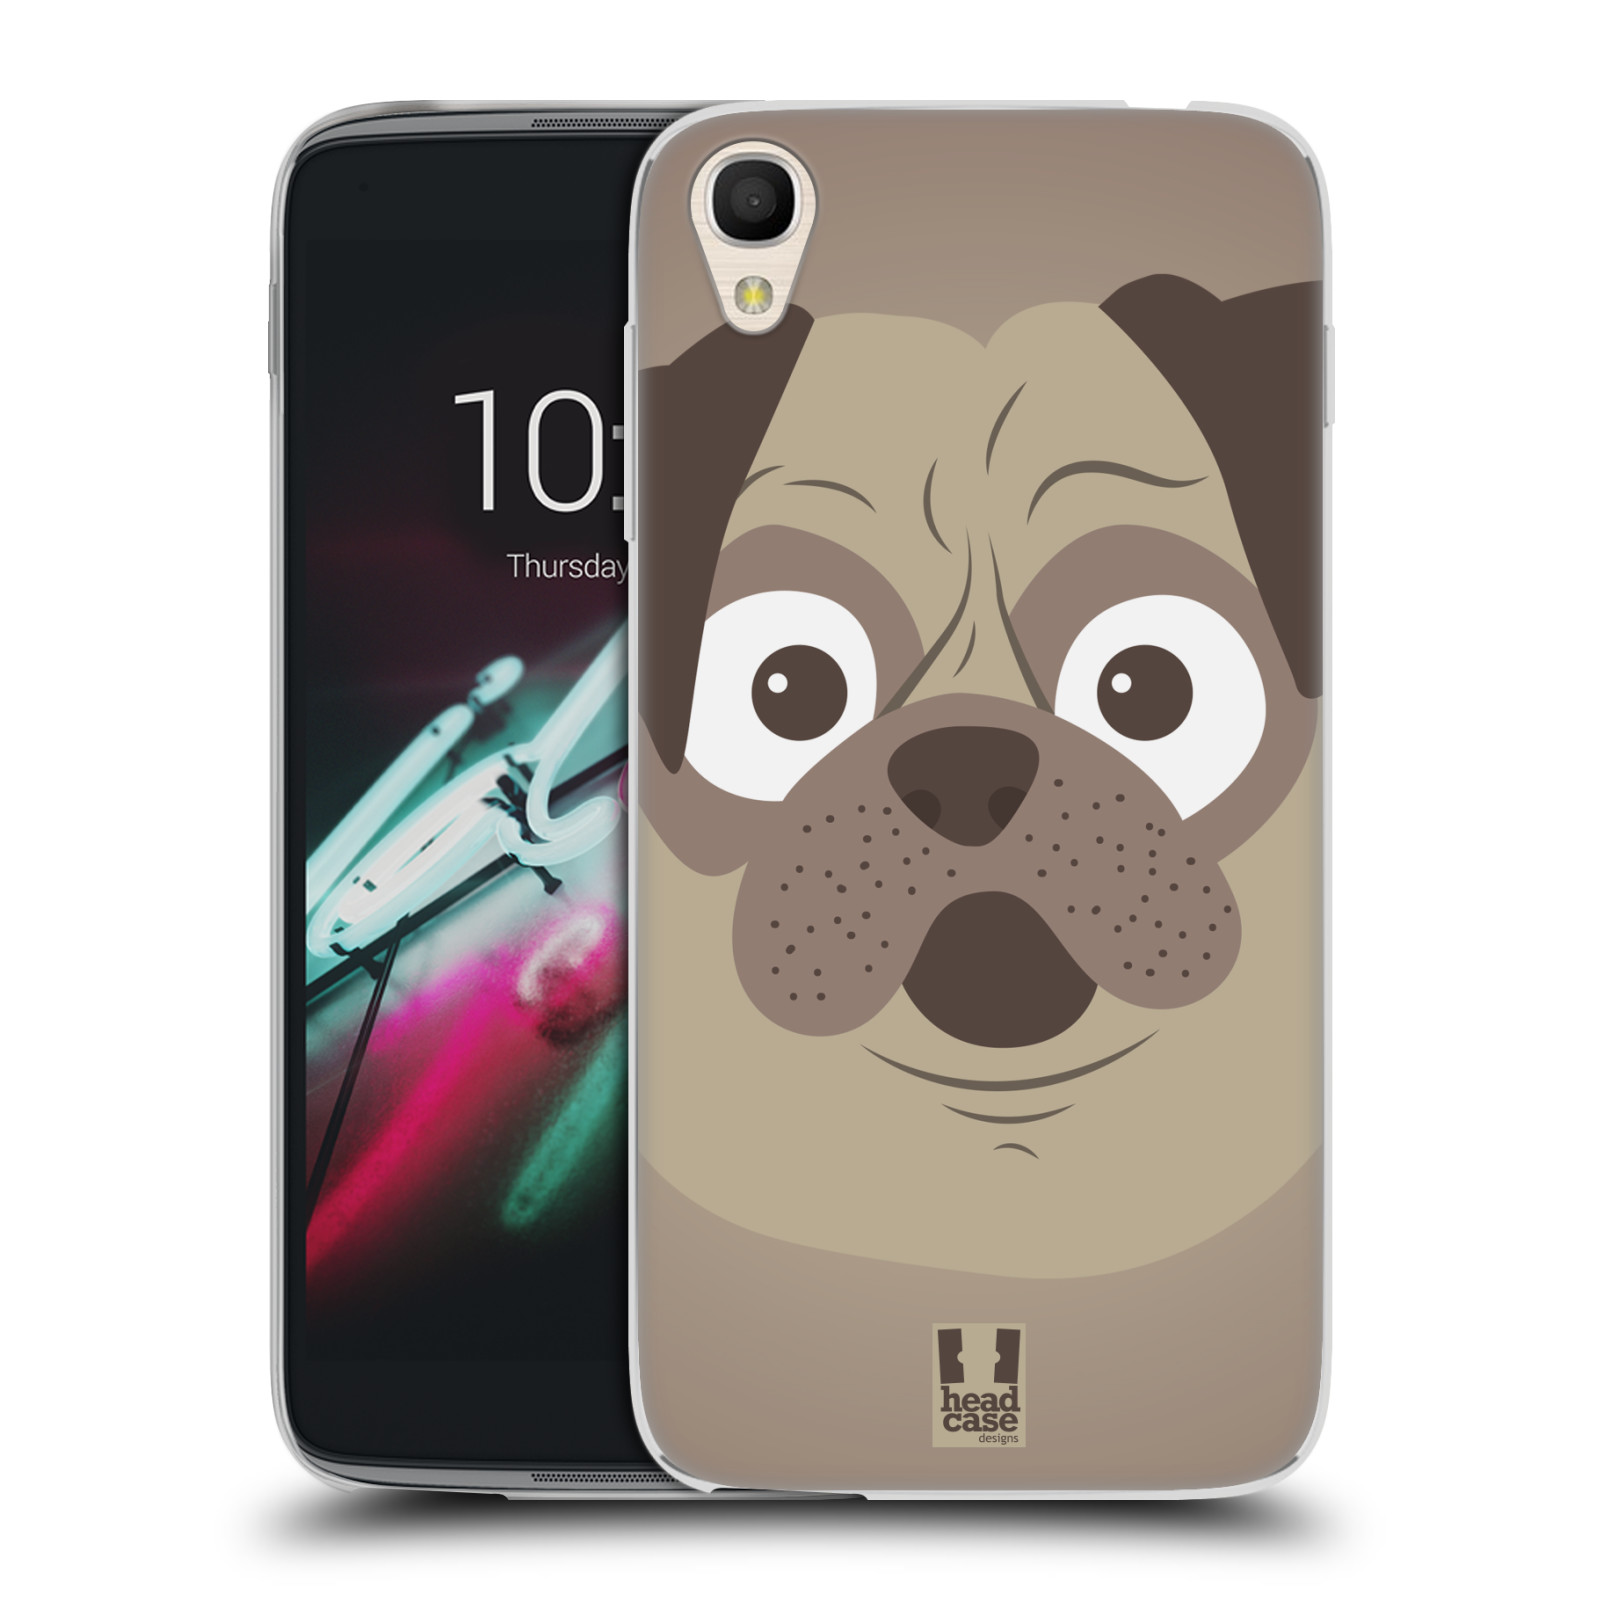 HEAD CASE silikonový obal na mobil Alcatel Idol 3 OT-6039Y (4.7) vzor Cartoon Karikatura barevná kreslená zvířátka pes mopsík